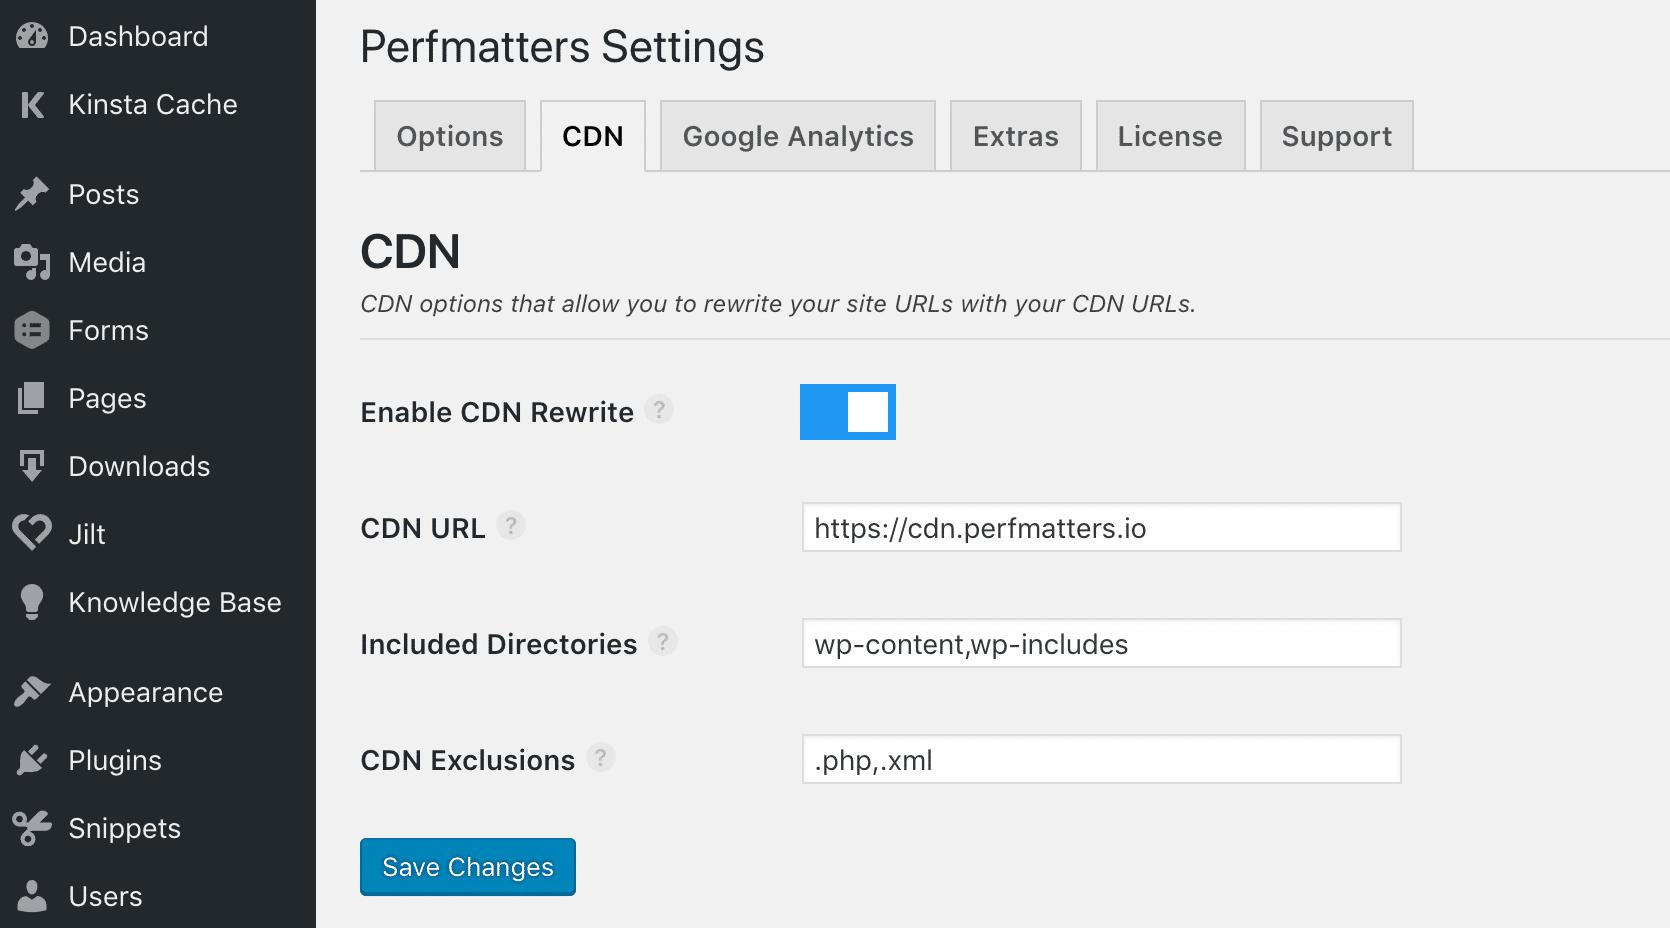 Aktivér CDN i WordPress med Perfmatters